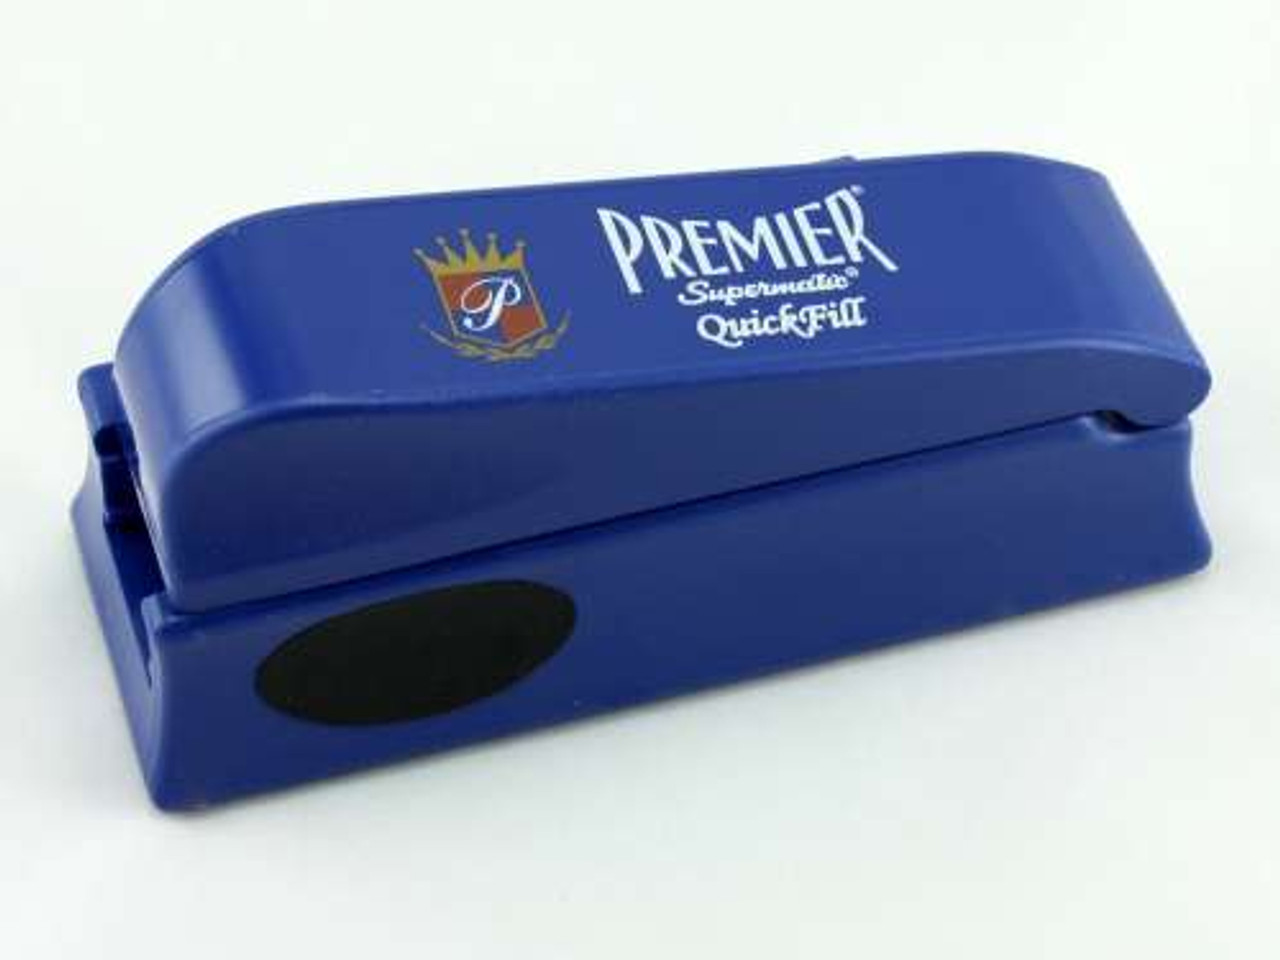 Premier Quickfill Cigarette Injector Machine